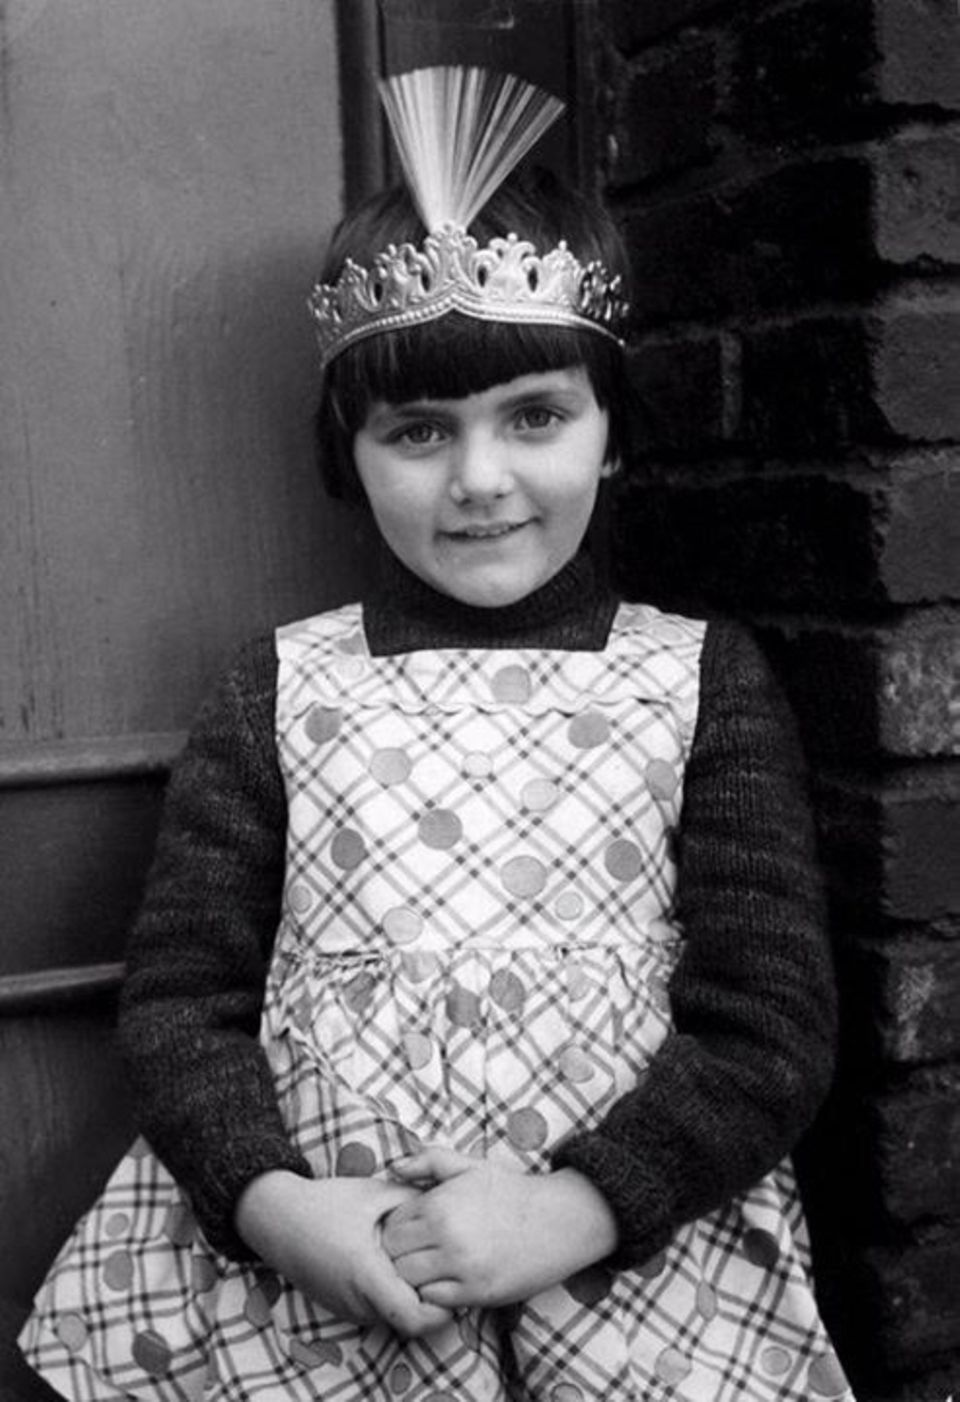 """Birgit Schrowange  """"Ganz lang ist es her"""" erinnert sich Birgit Schrowange an dieses alte Foto, auf dem sie aussieht wie eine kleine Prinzessin."""